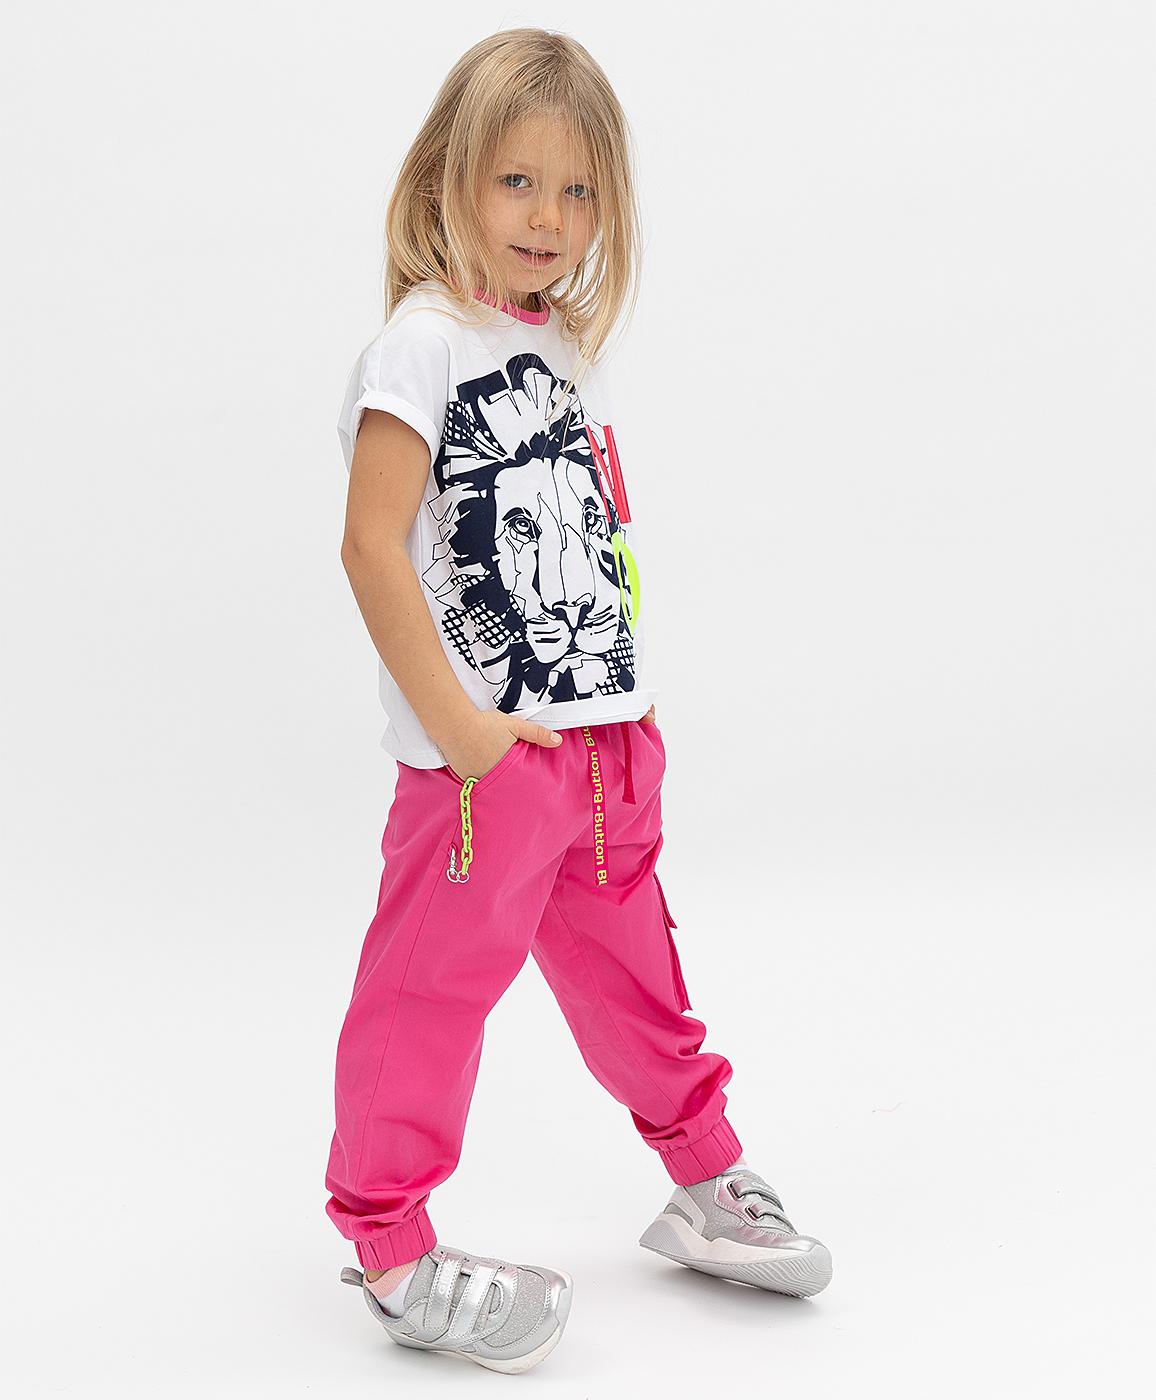 Купить 121BBGMC63051200, Розовые брюки Button Blue, розовый, 122, Поплин, Женский, Весна, ВЕСНА/ЛЕТО 2021 (shop: GulliverMarket Gulliver Market)